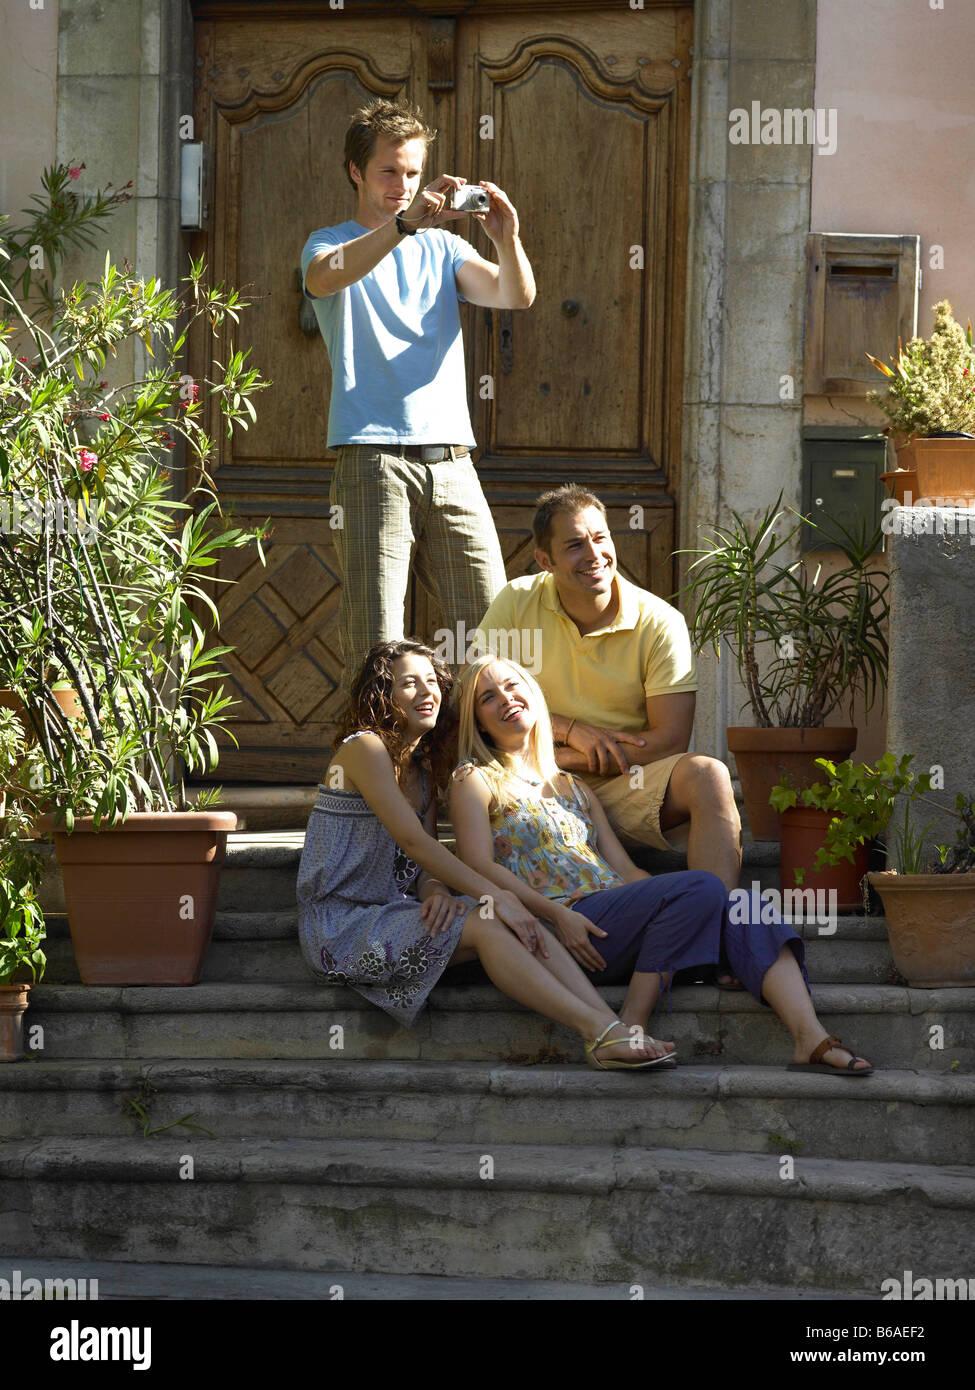 Amici godendo il sole sul passo Immagini Stock